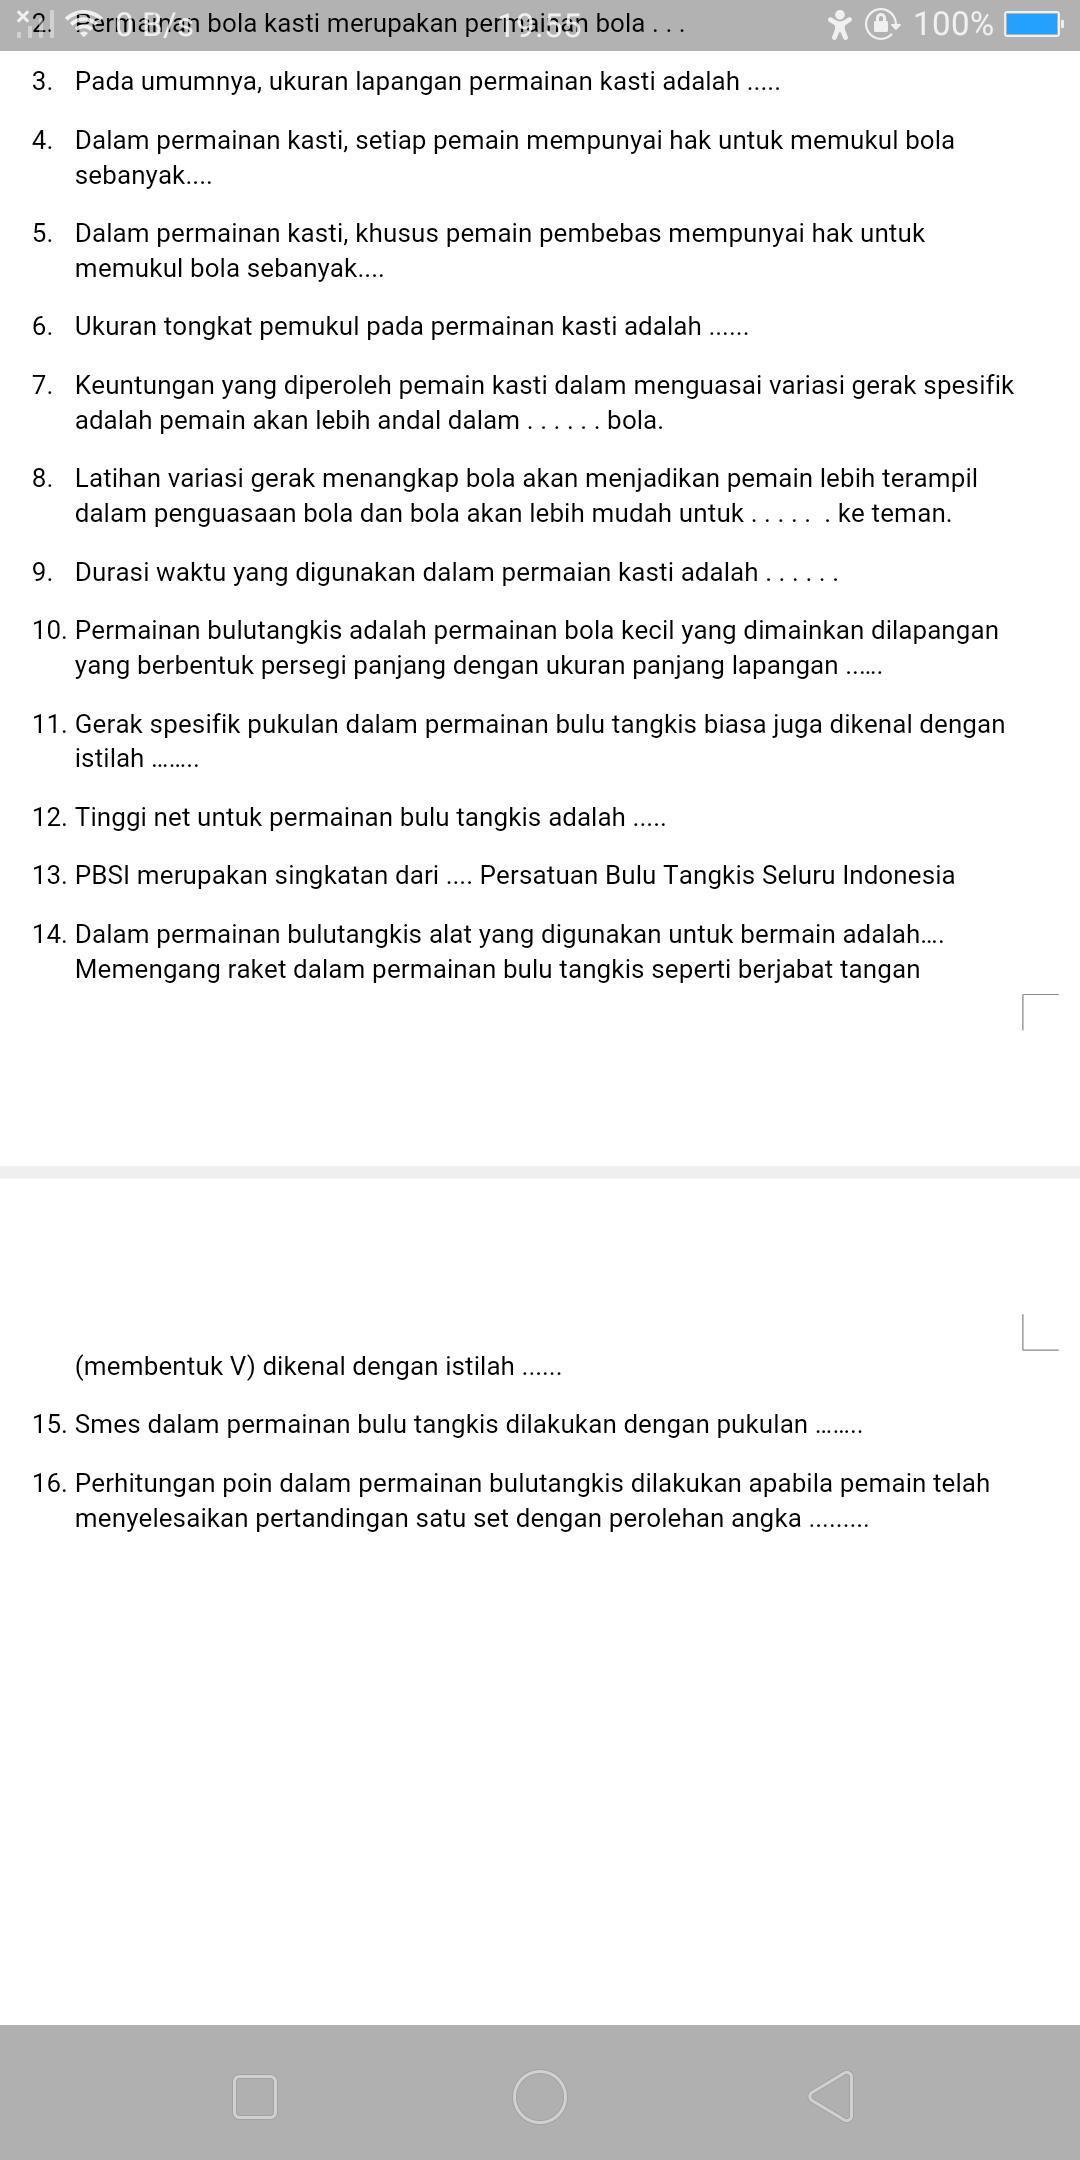 Pbsi Singkatan Dari : singkatan, Jawab, Please, Brainly.co.id